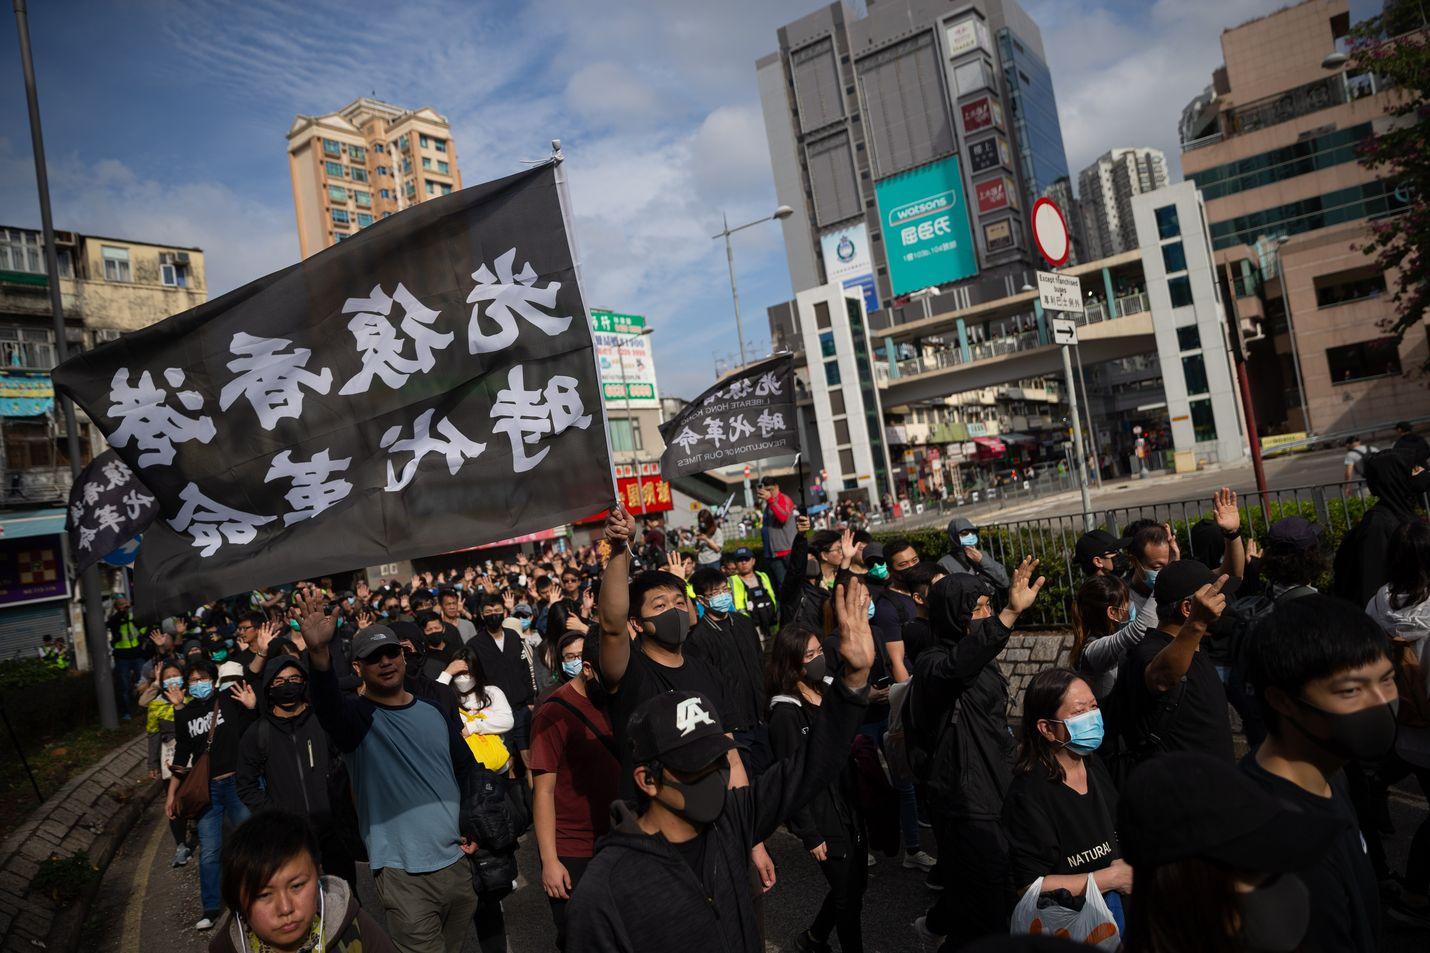 Ruotsissa Kiina on yrittänyt vaikuttaa median toimintaan. Kuvaa Hongkongin demokratiamielenosoituksista tammikuulta.